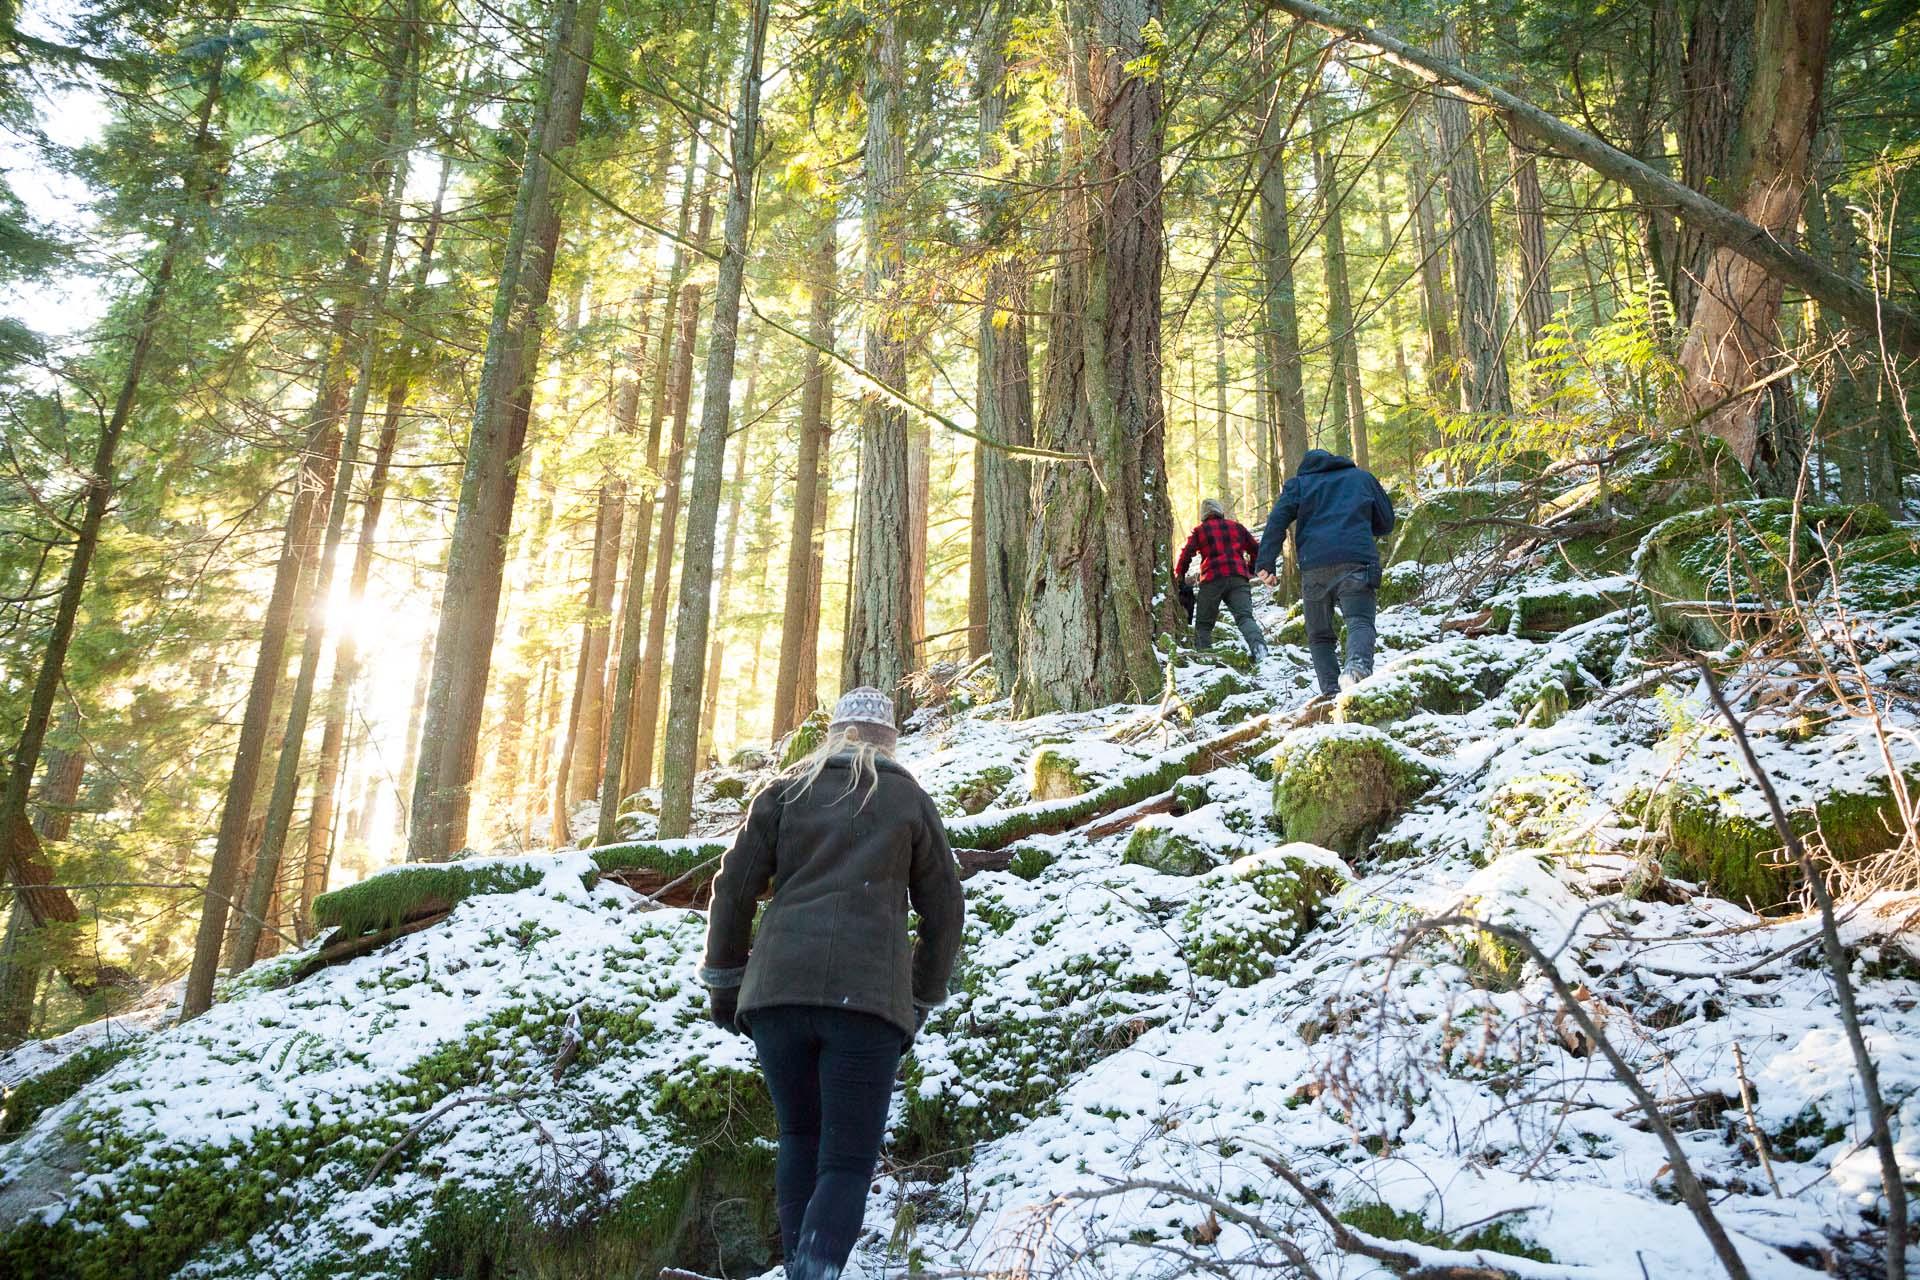 hiking-through-snowy-forest.jpg